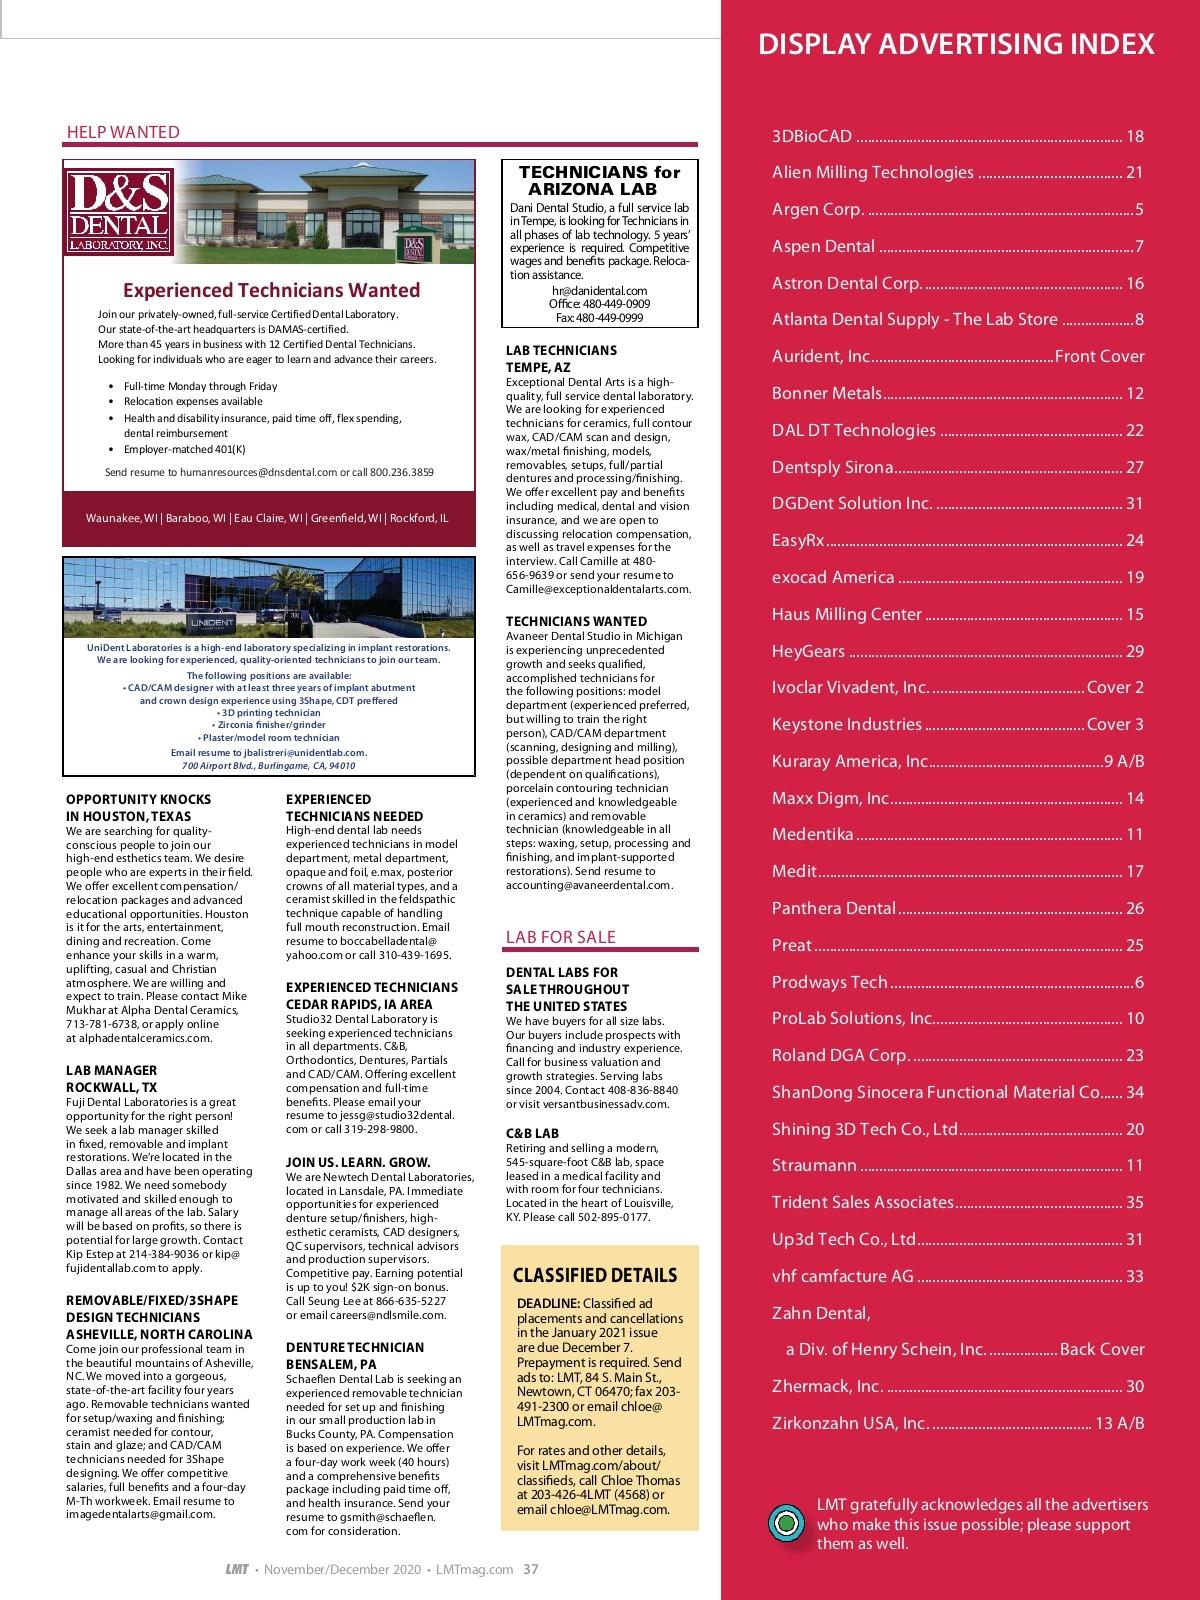 Aspen Dental Price List : aspen, dental, price, Management, Today, November/December